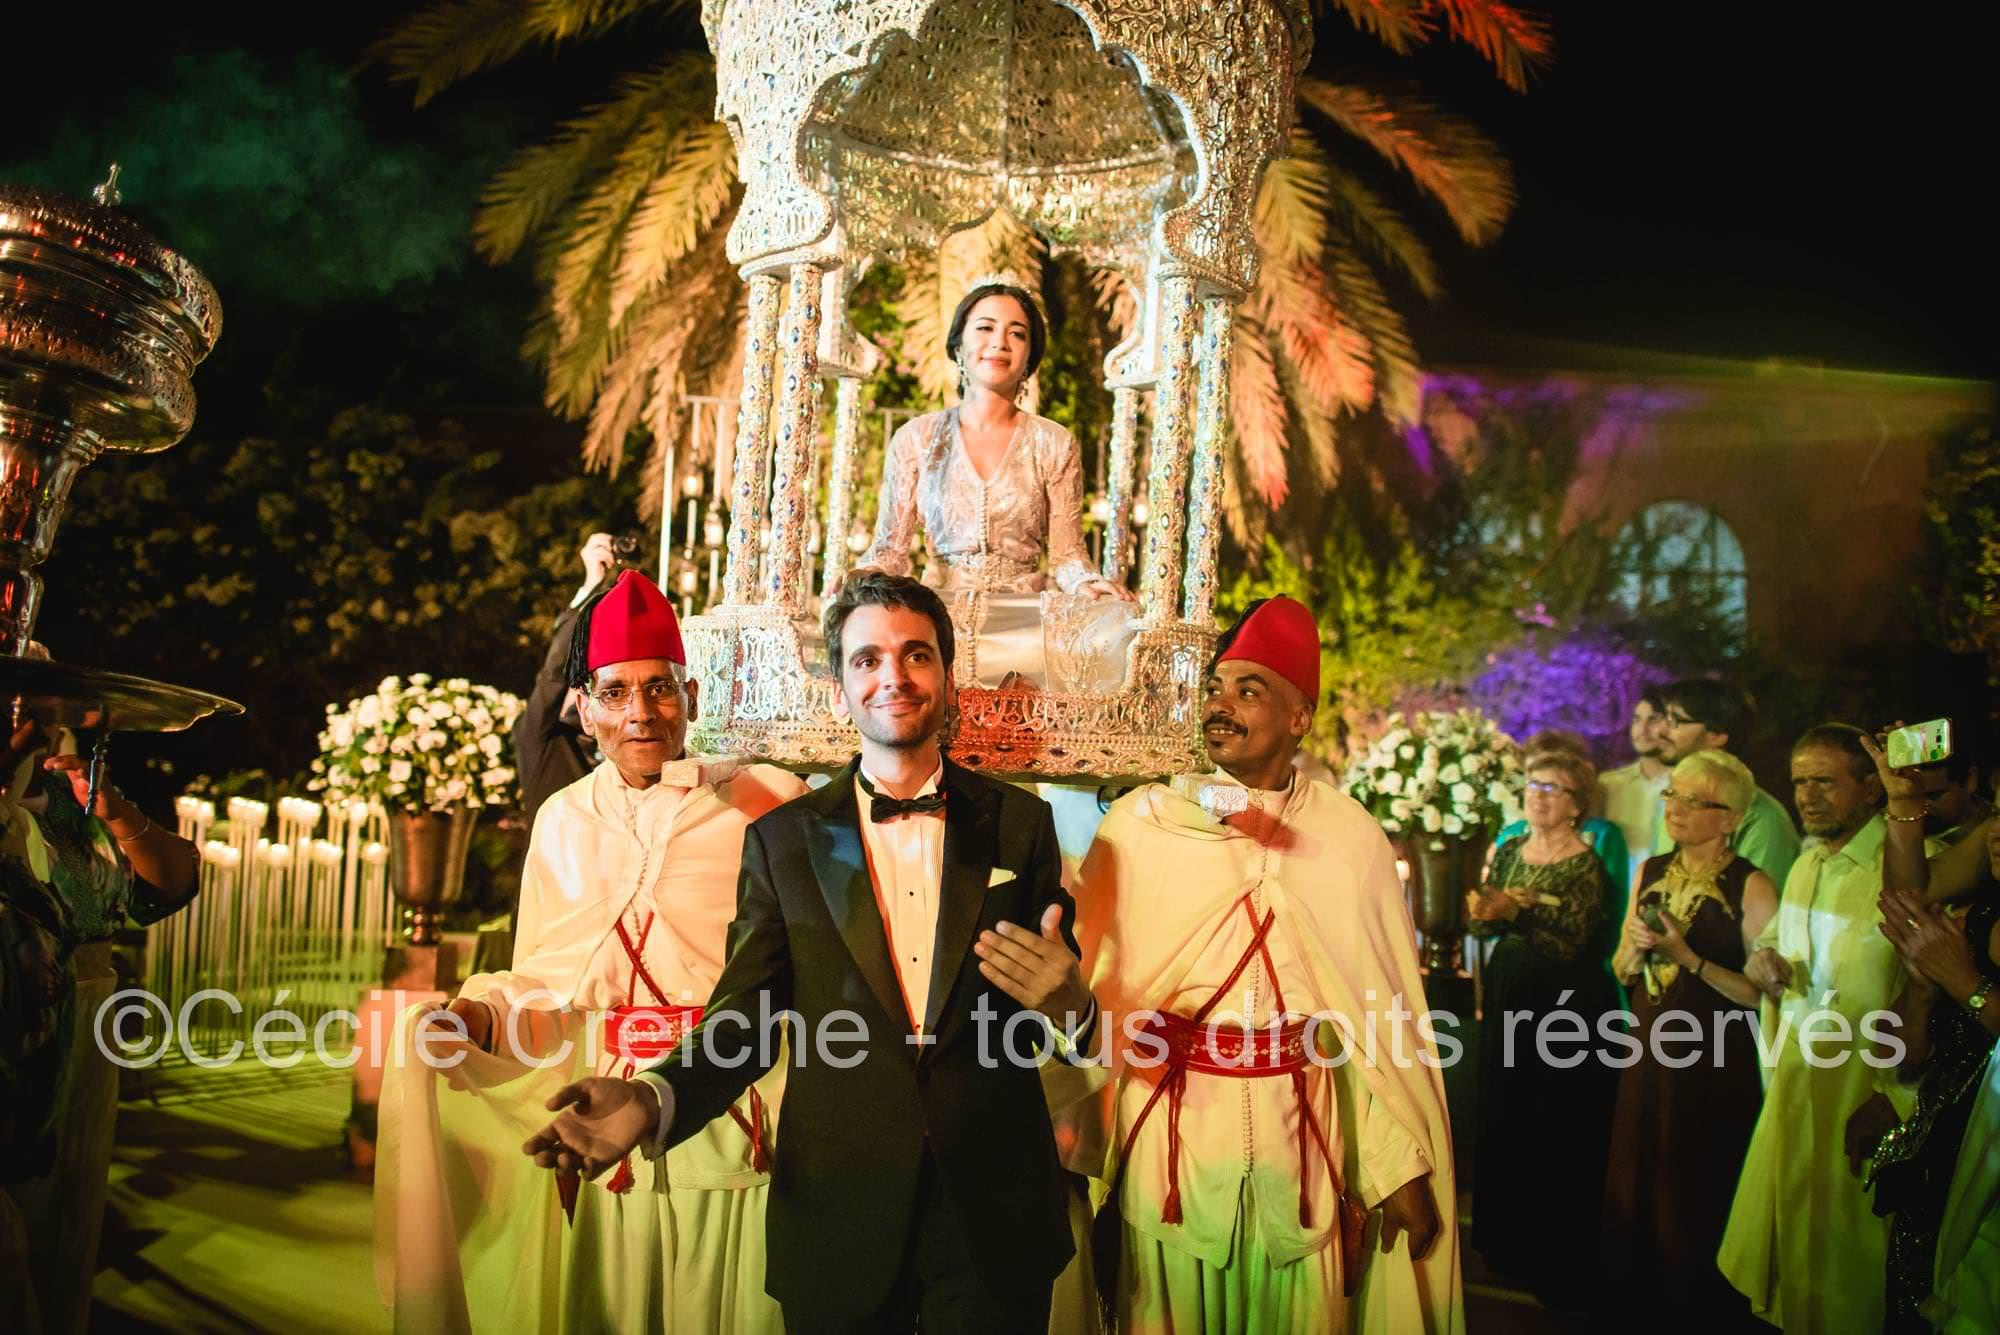 Mariage à Marrakech - organiser son mariage au Maroc ...